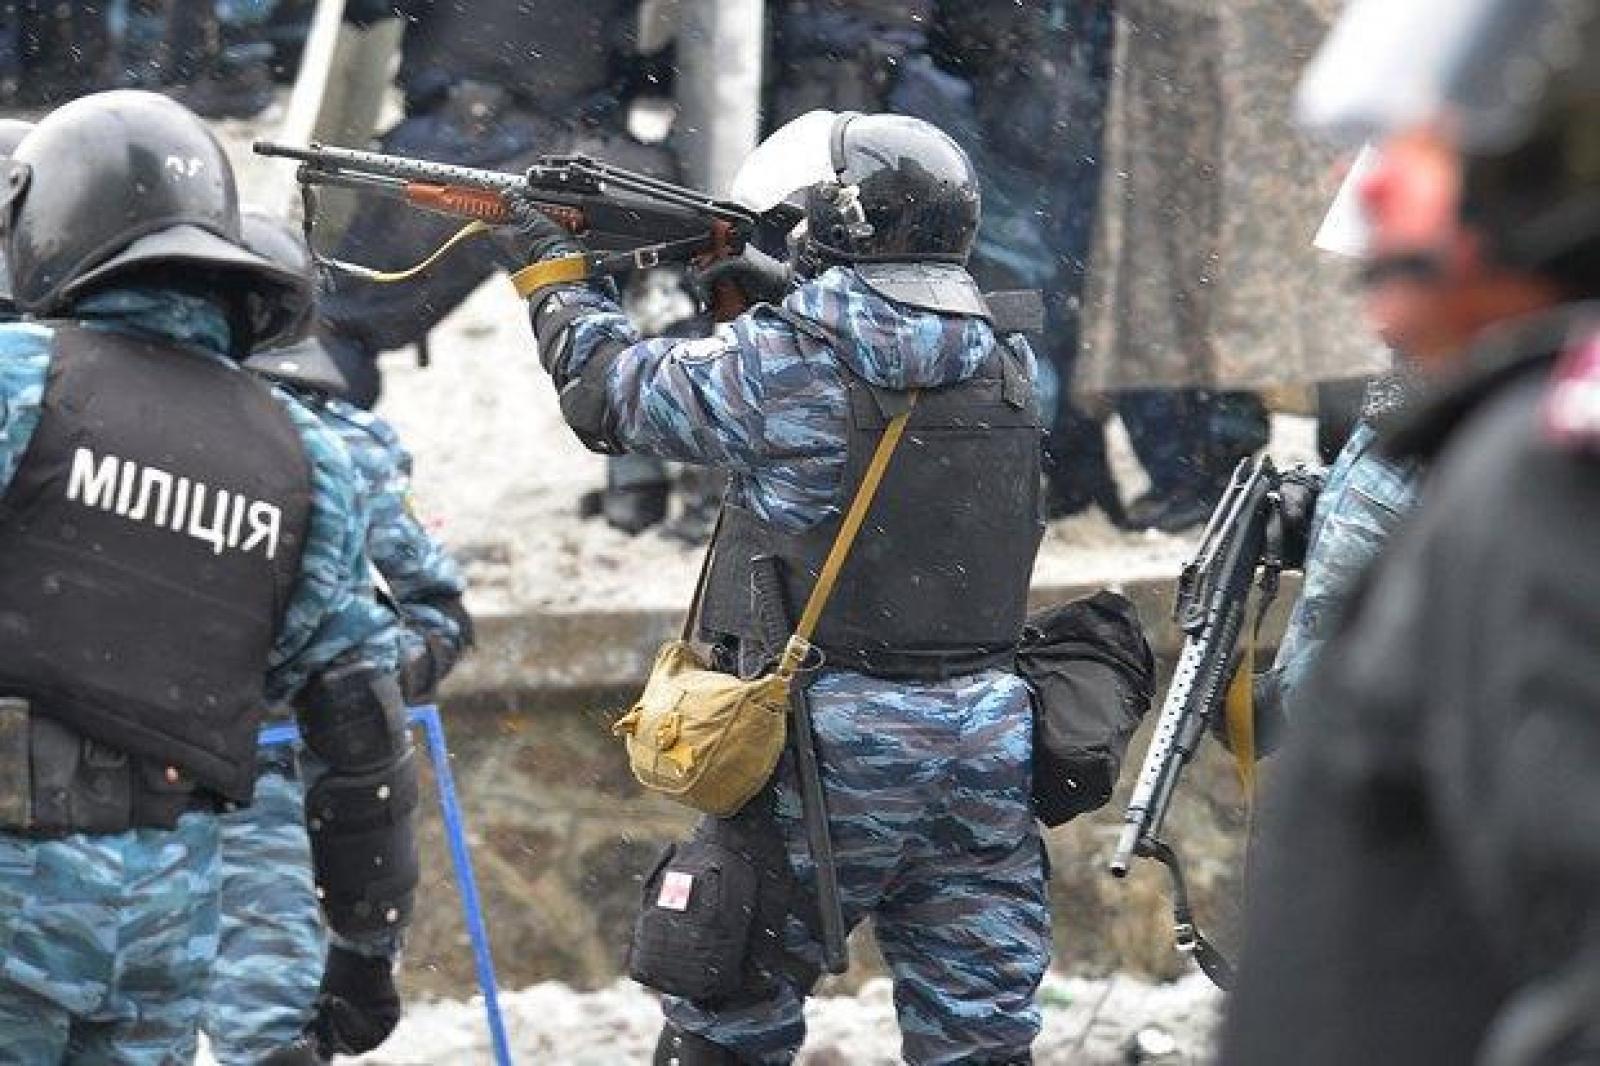 Розслідування вбивств на Майдані завтра зупинять: хто винен